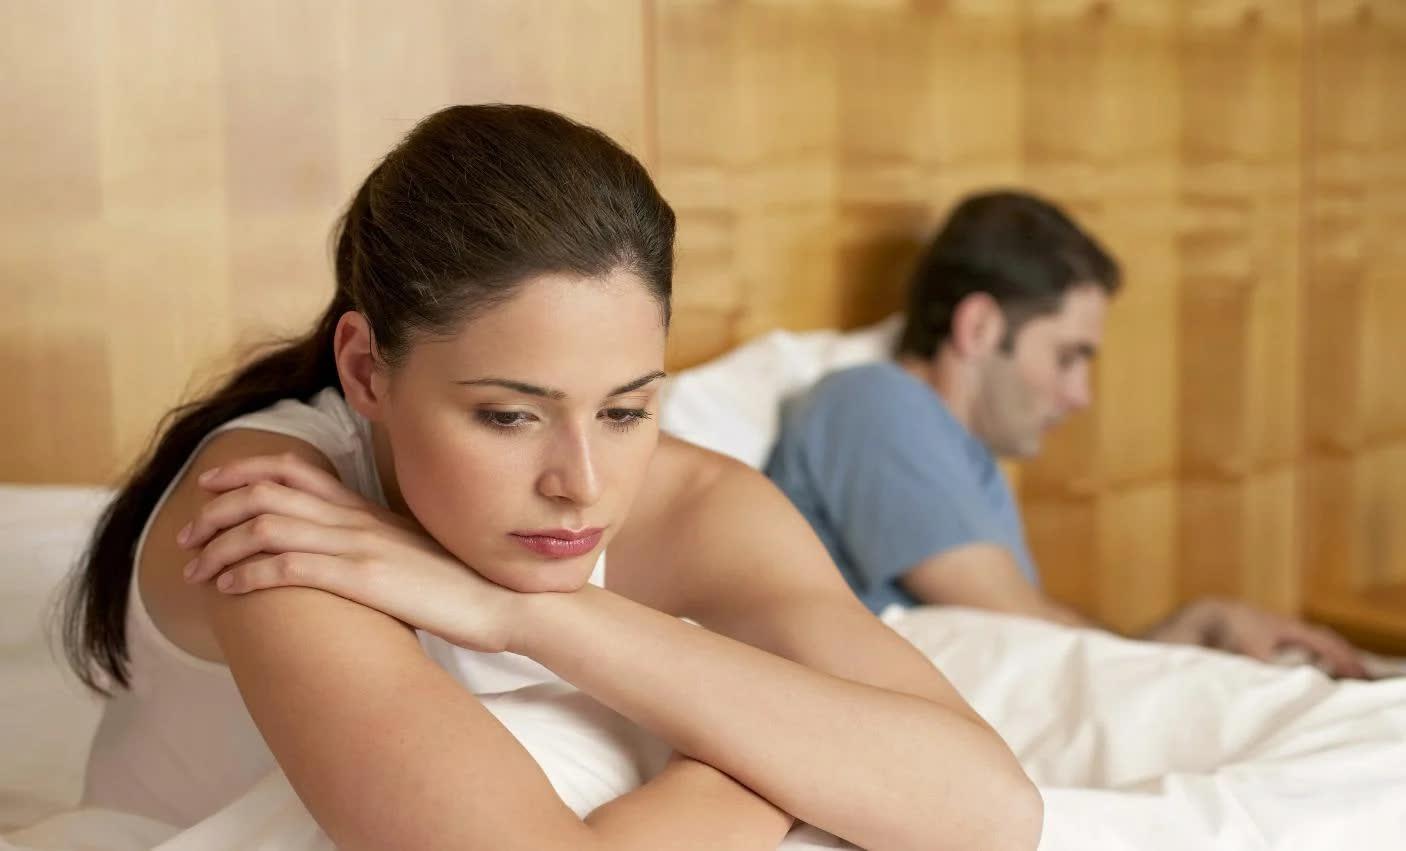 8 điều khiến chồng xa lánh vợ, phụ nữ tuyệt đối tránh kẻo ảnh hưởng hạnh phúc gia đình - Ảnh 5